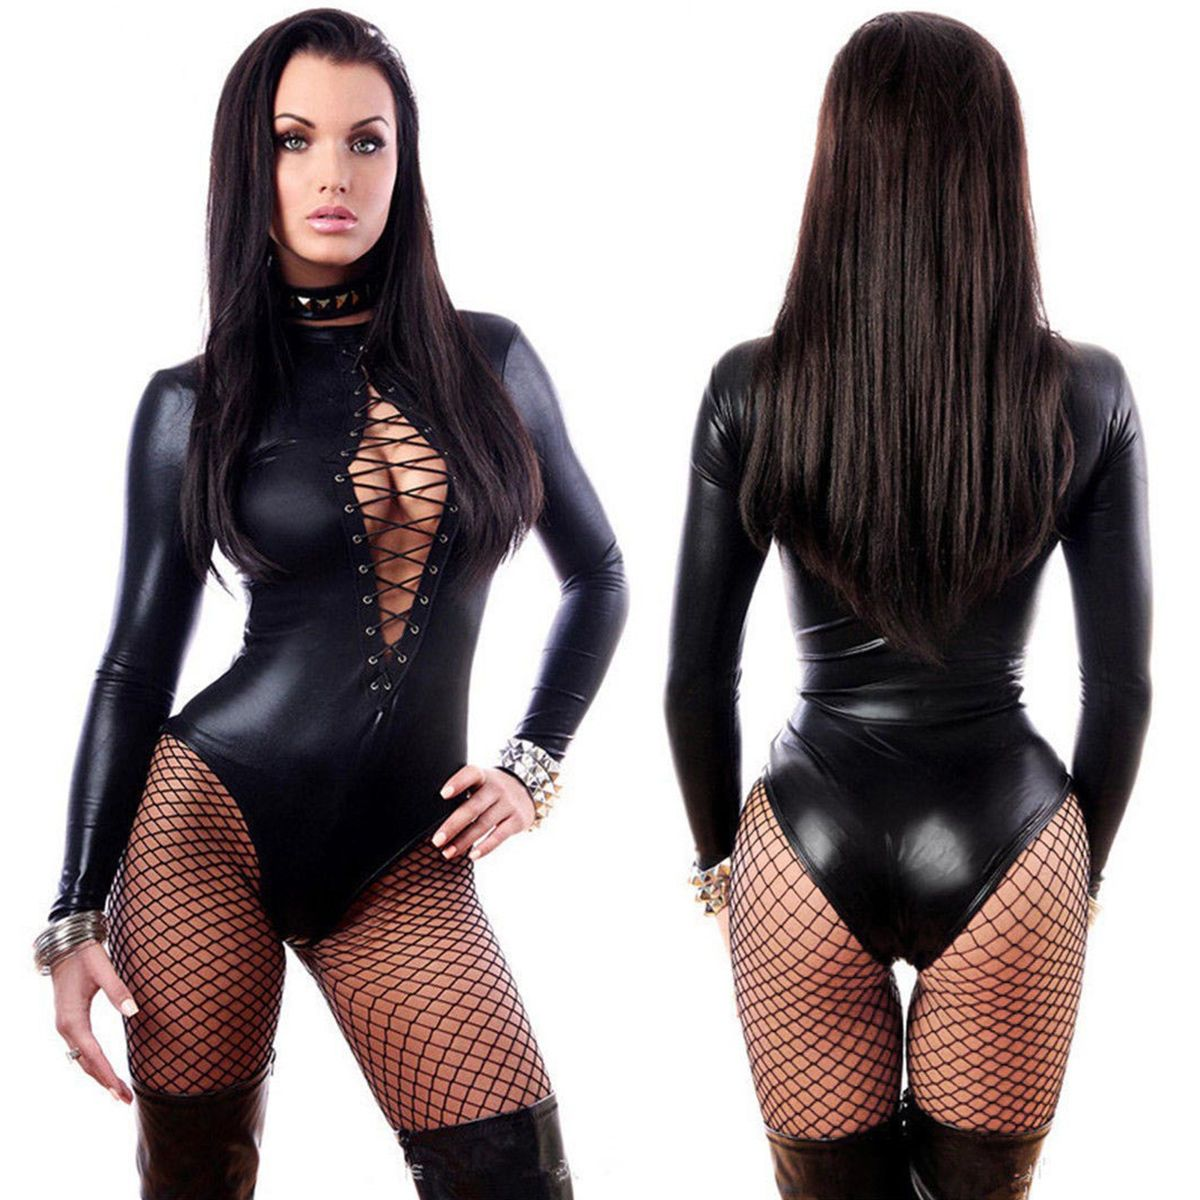 604a468601 Womens Wetlook Vinyl Pvc Catsuit Front Lace Up Bodysuit Jumpsuit Clubwear  Romper